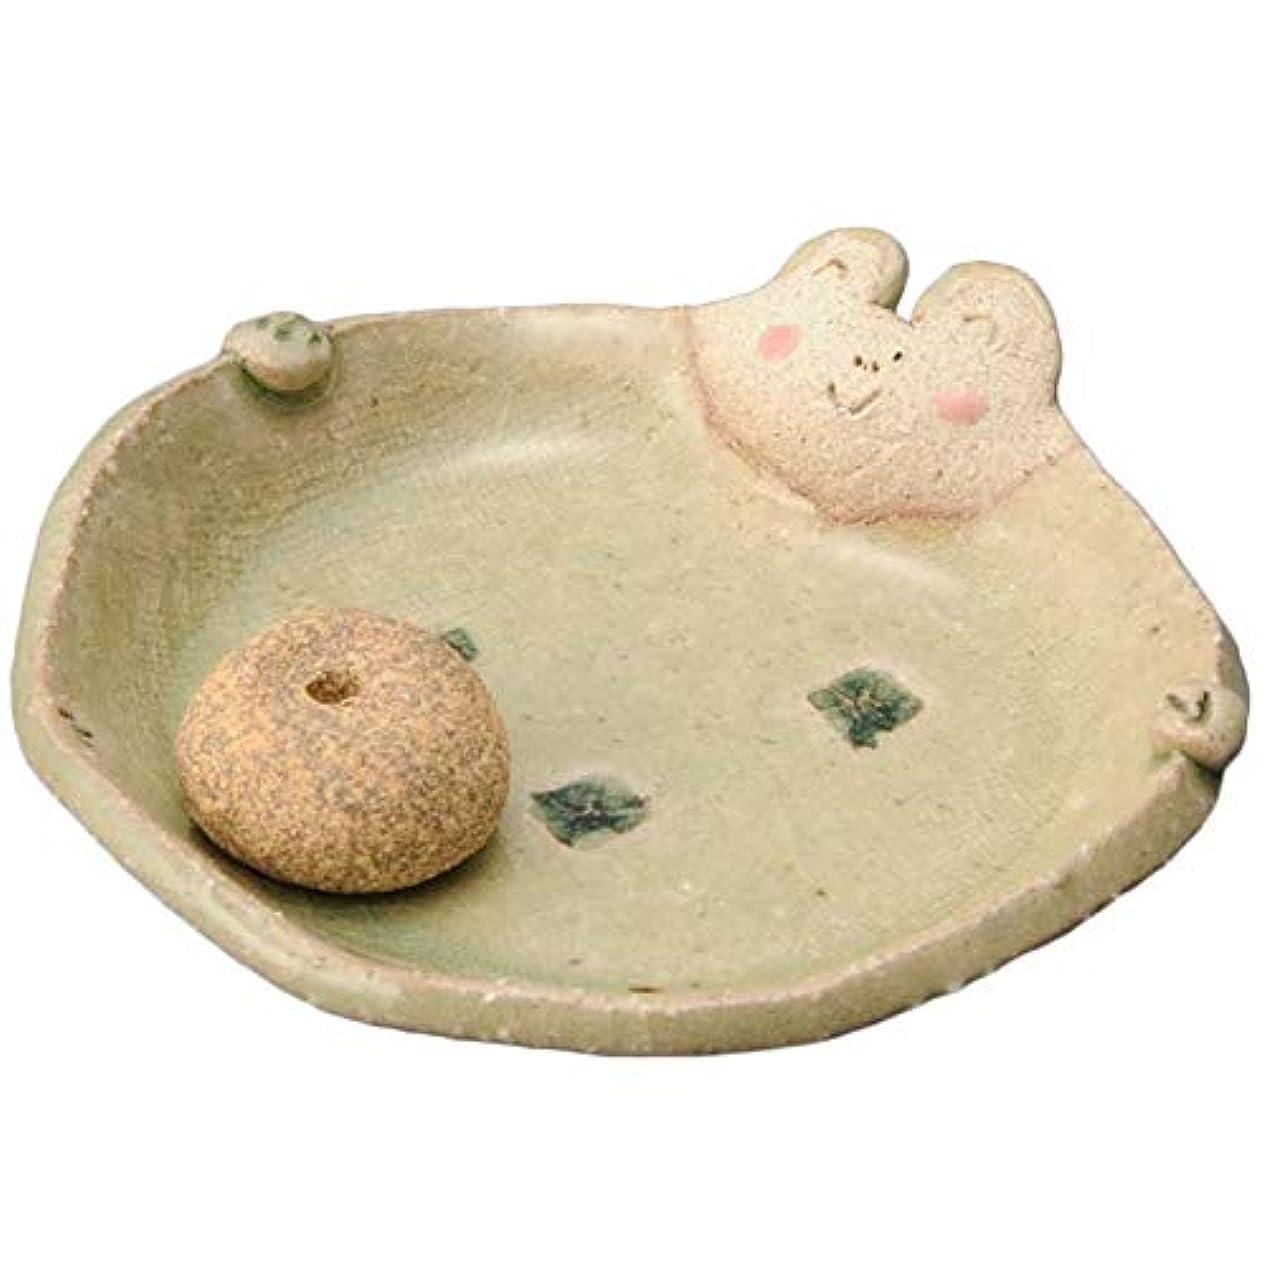 お祝い霧修正手造り 香皿 香立て/ふっくら 香皿(カエル) /香り アロマ 癒やし リラックス インテリア プレゼント 贈り物